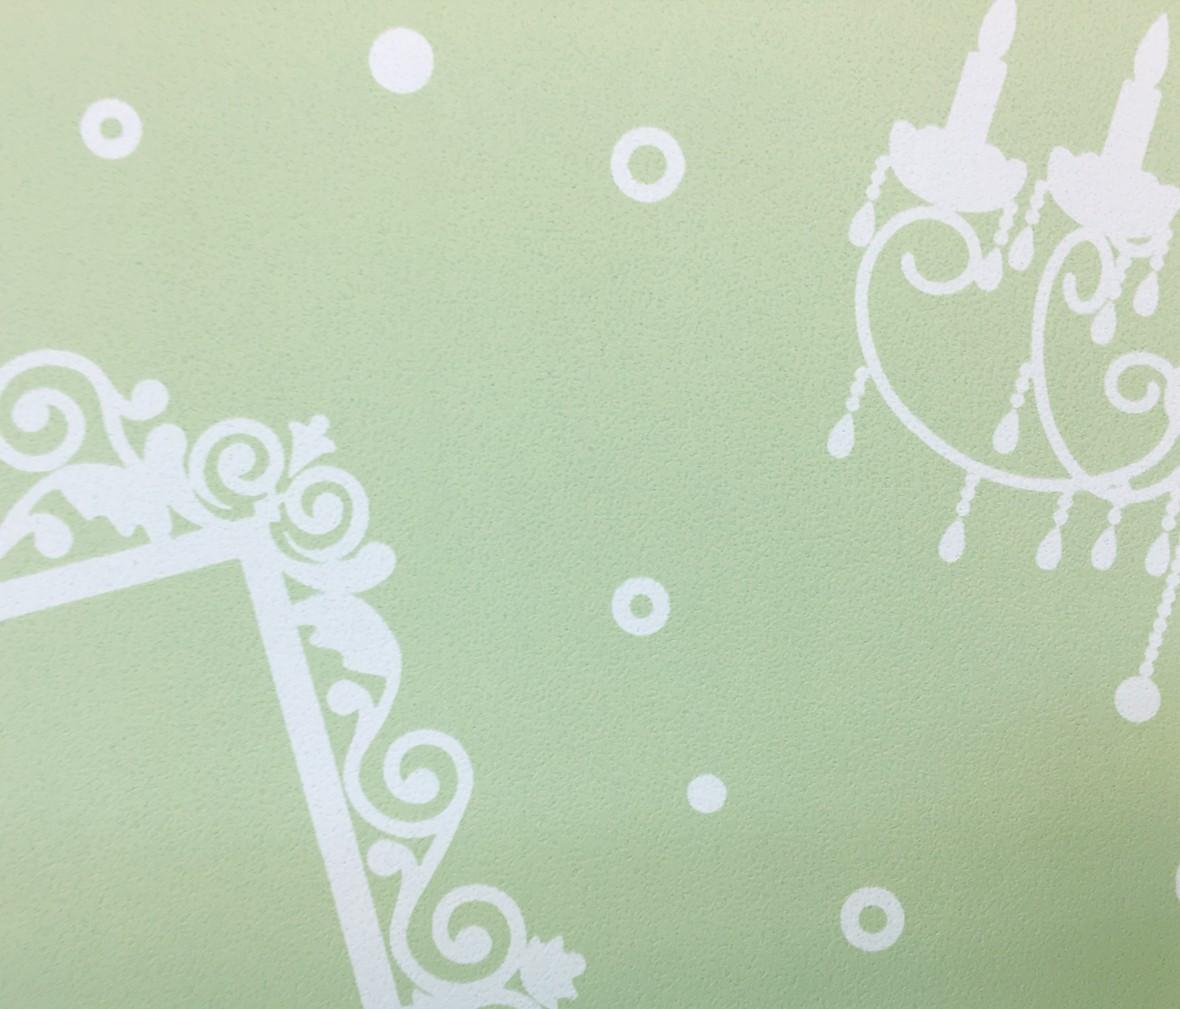 得高壁纸 萌宠之星系列2202型号壁纸 进口环保纯纸墙纸